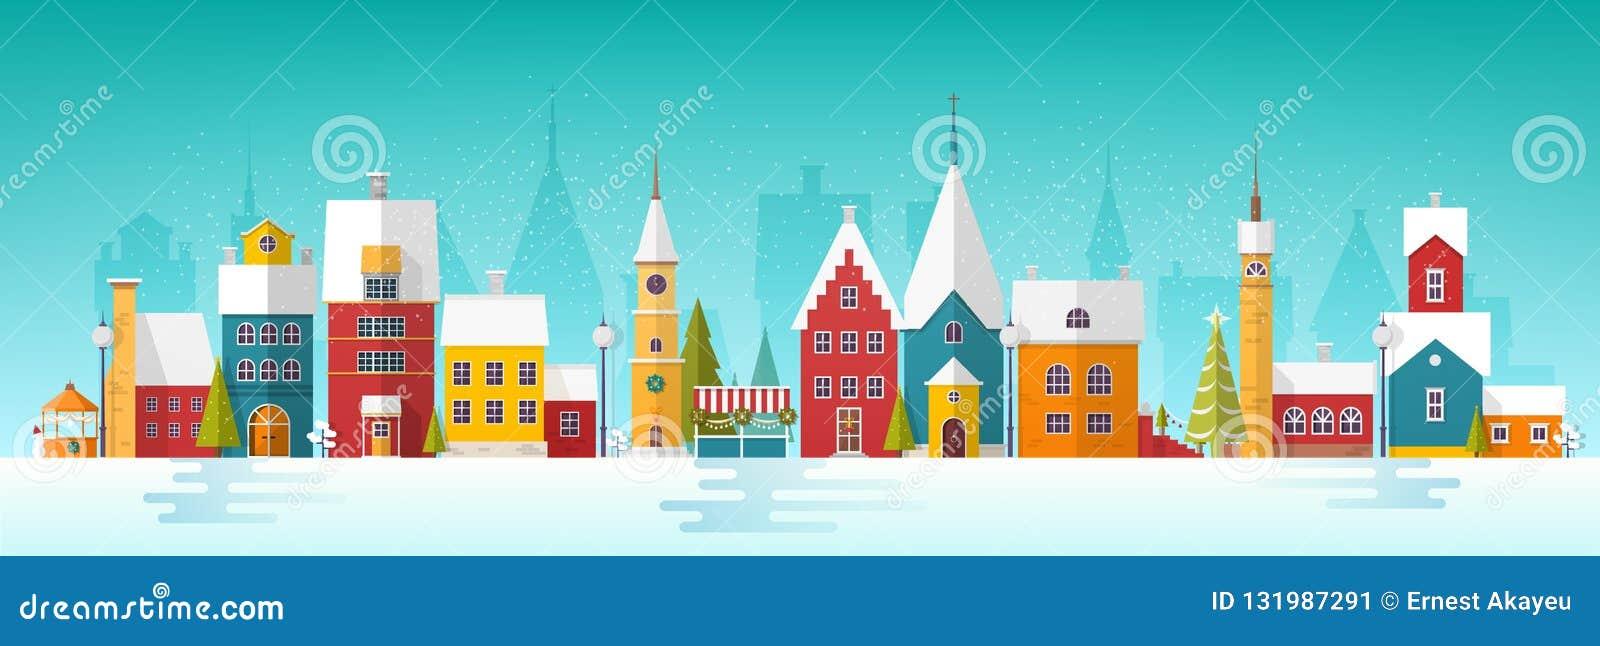 Paisaje urbano o paisaje Nevado con la ciudad Calle de la ciudad con las fachadas de torres antiguas y de edificios adornados por